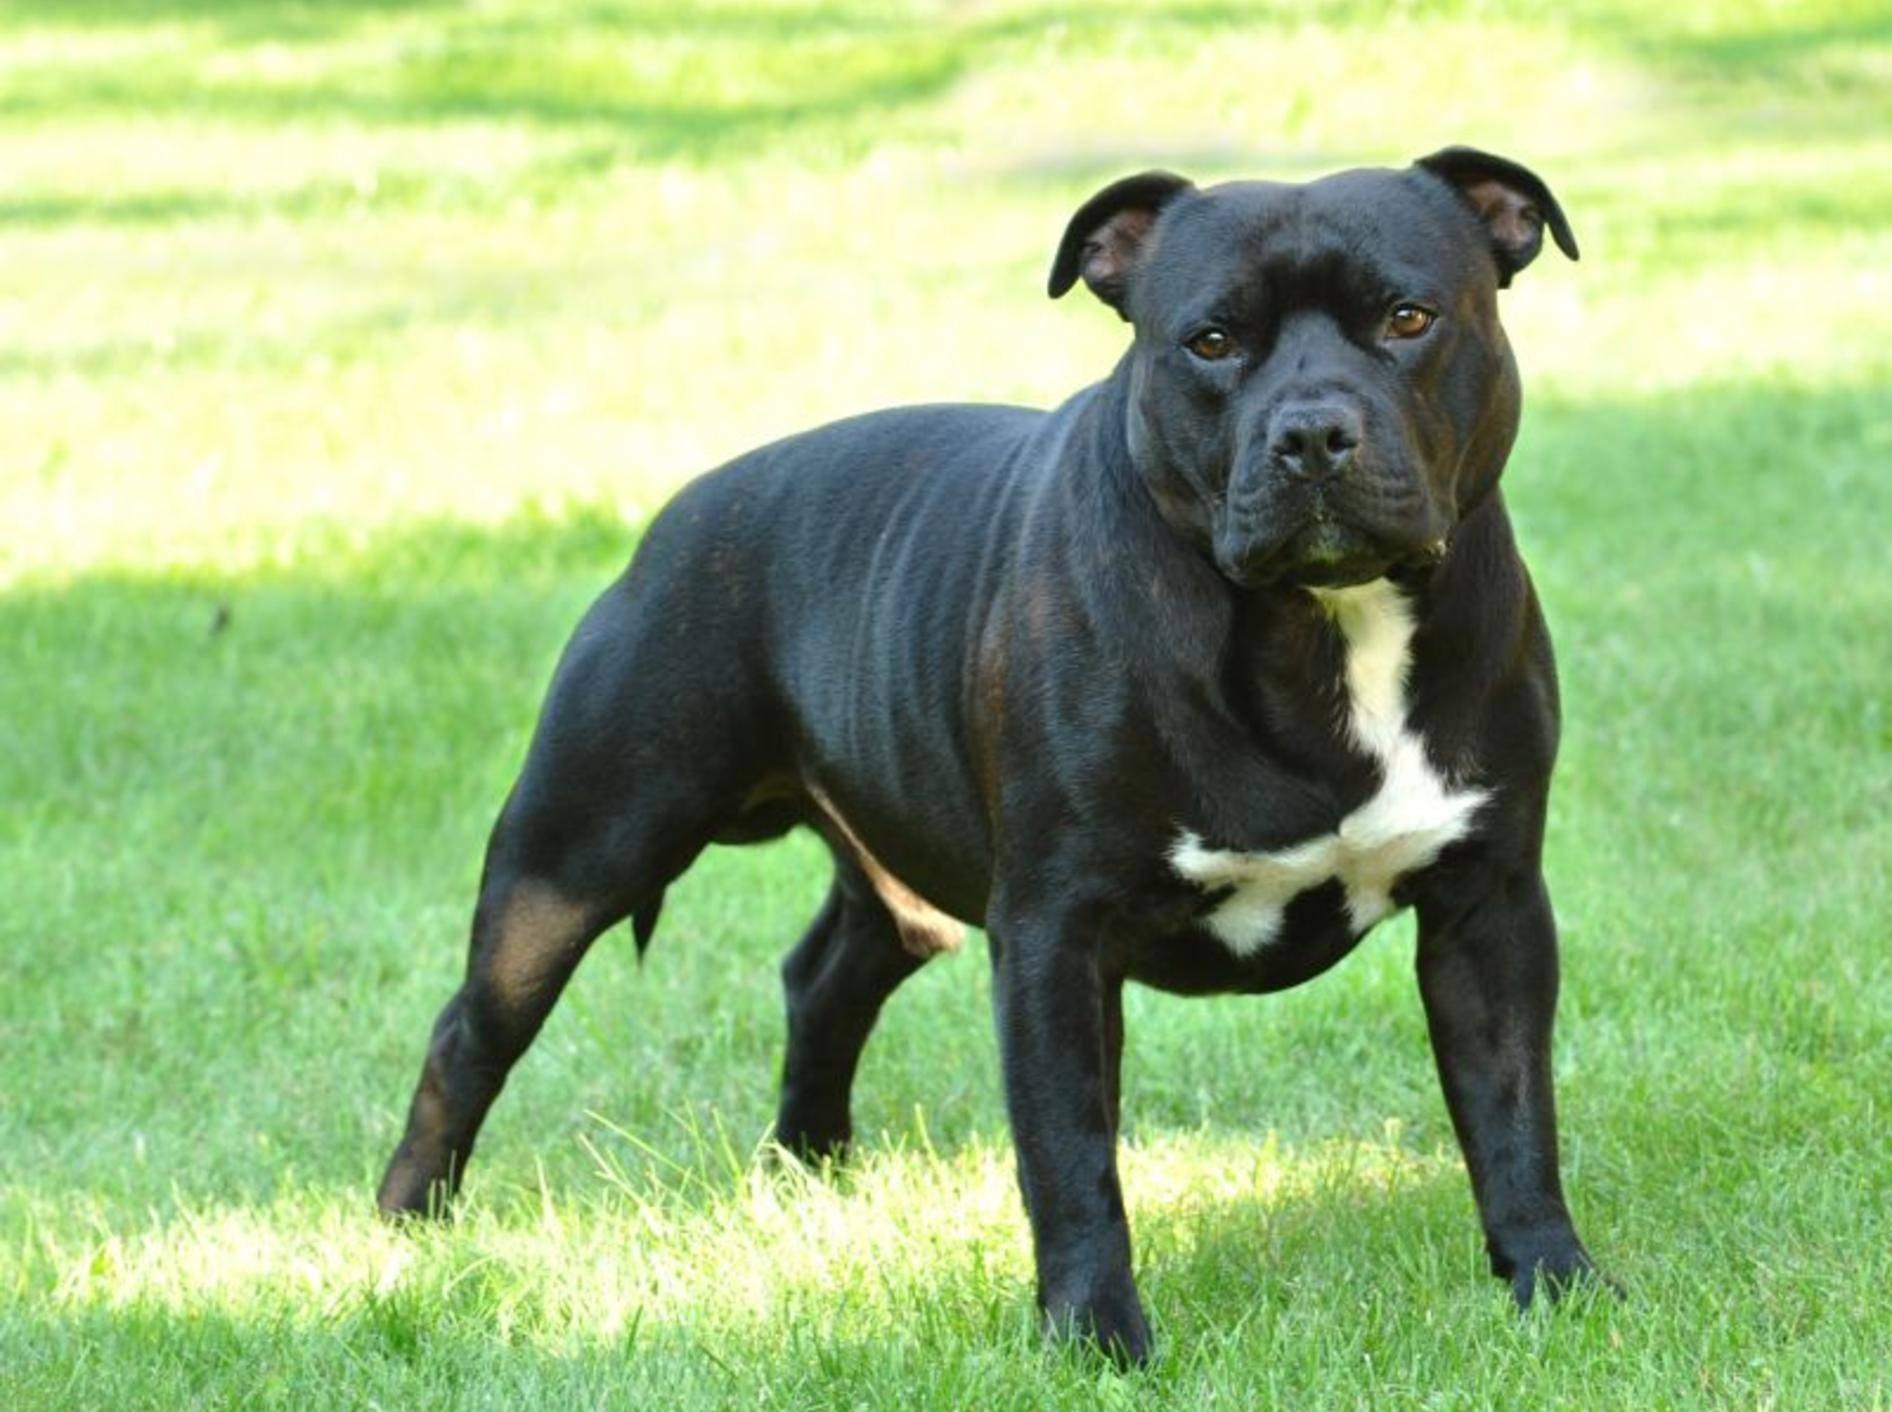 Ein großer, sehr kräftiger Hund: Der American Staffordshire Terrier – Bild: Shutterstock / Waldemar Dabrowski